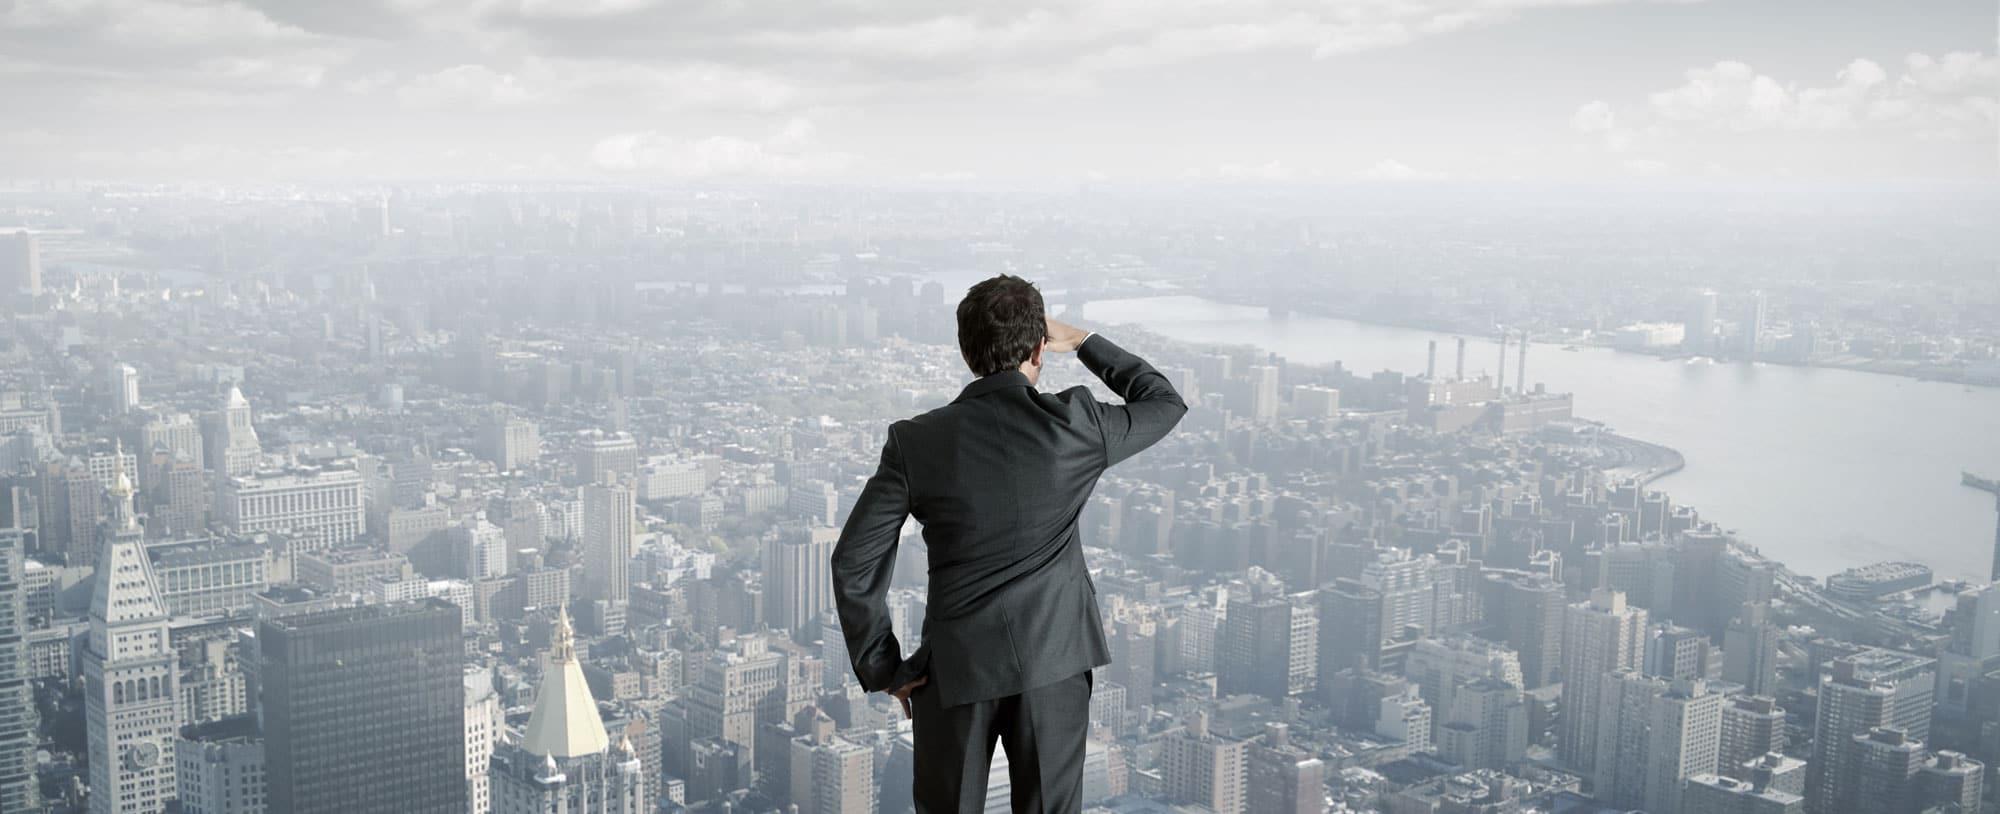 Sàn giao dịch bất động sản, Đặc điểm của sàn giao dịch bất động sản